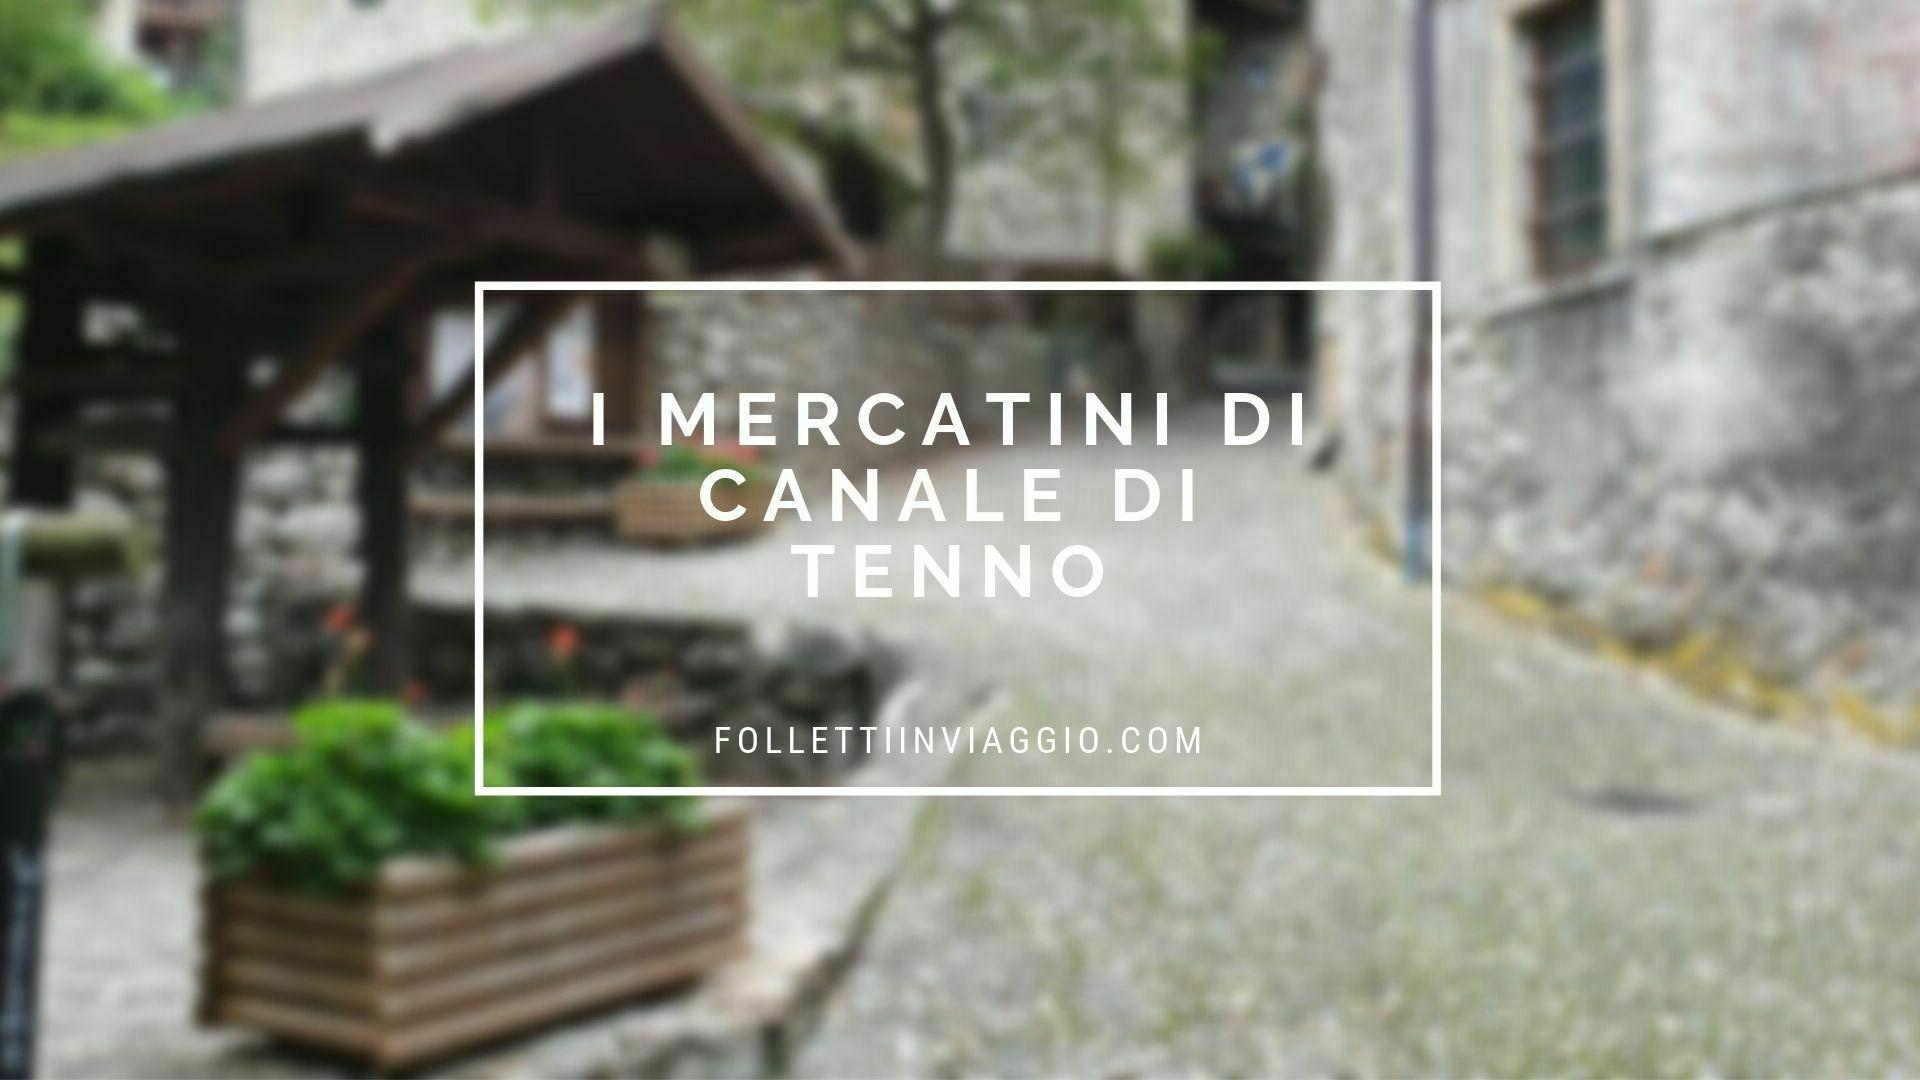 canale-di-tenno-mercatini-2019